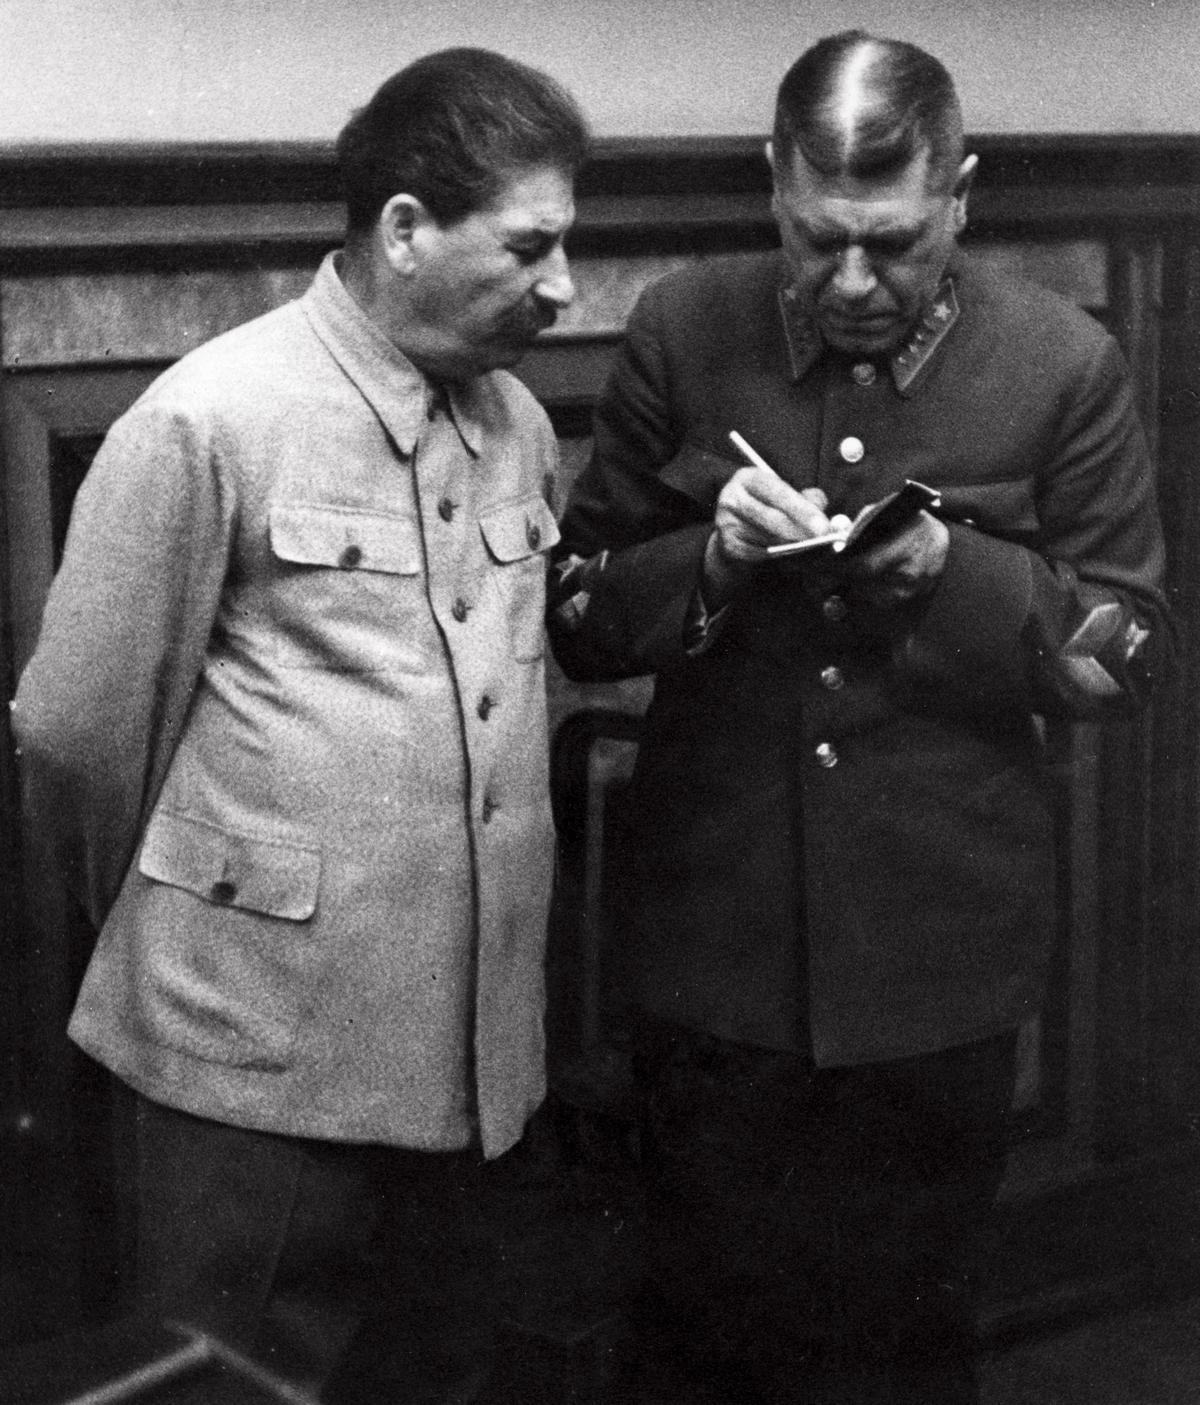 Stalin nie miał zaufania ani do Hitlera ani do zachodnich demokracji. W związku z tym postanowił skorzystać z oferty tego, kto więcej zaoferuje.